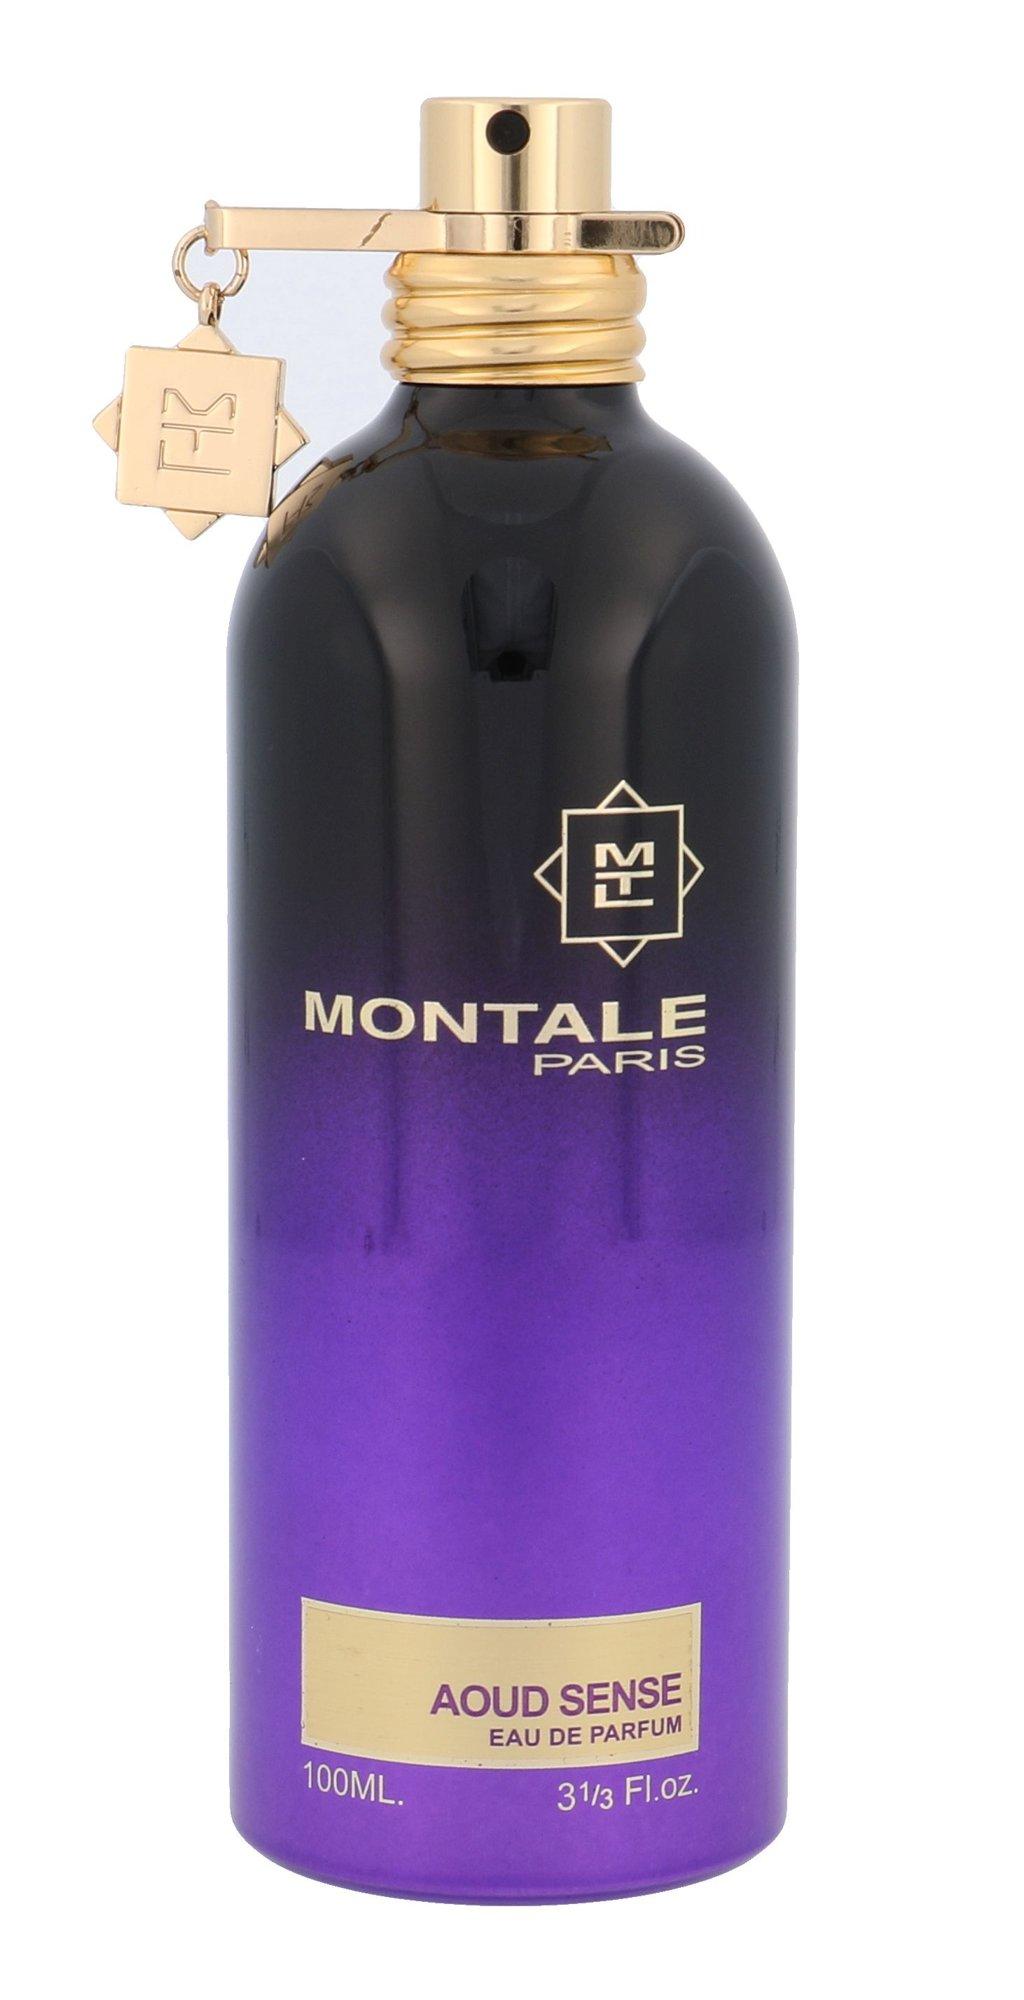 Montale Paris Aoud Sense EDP 100ml